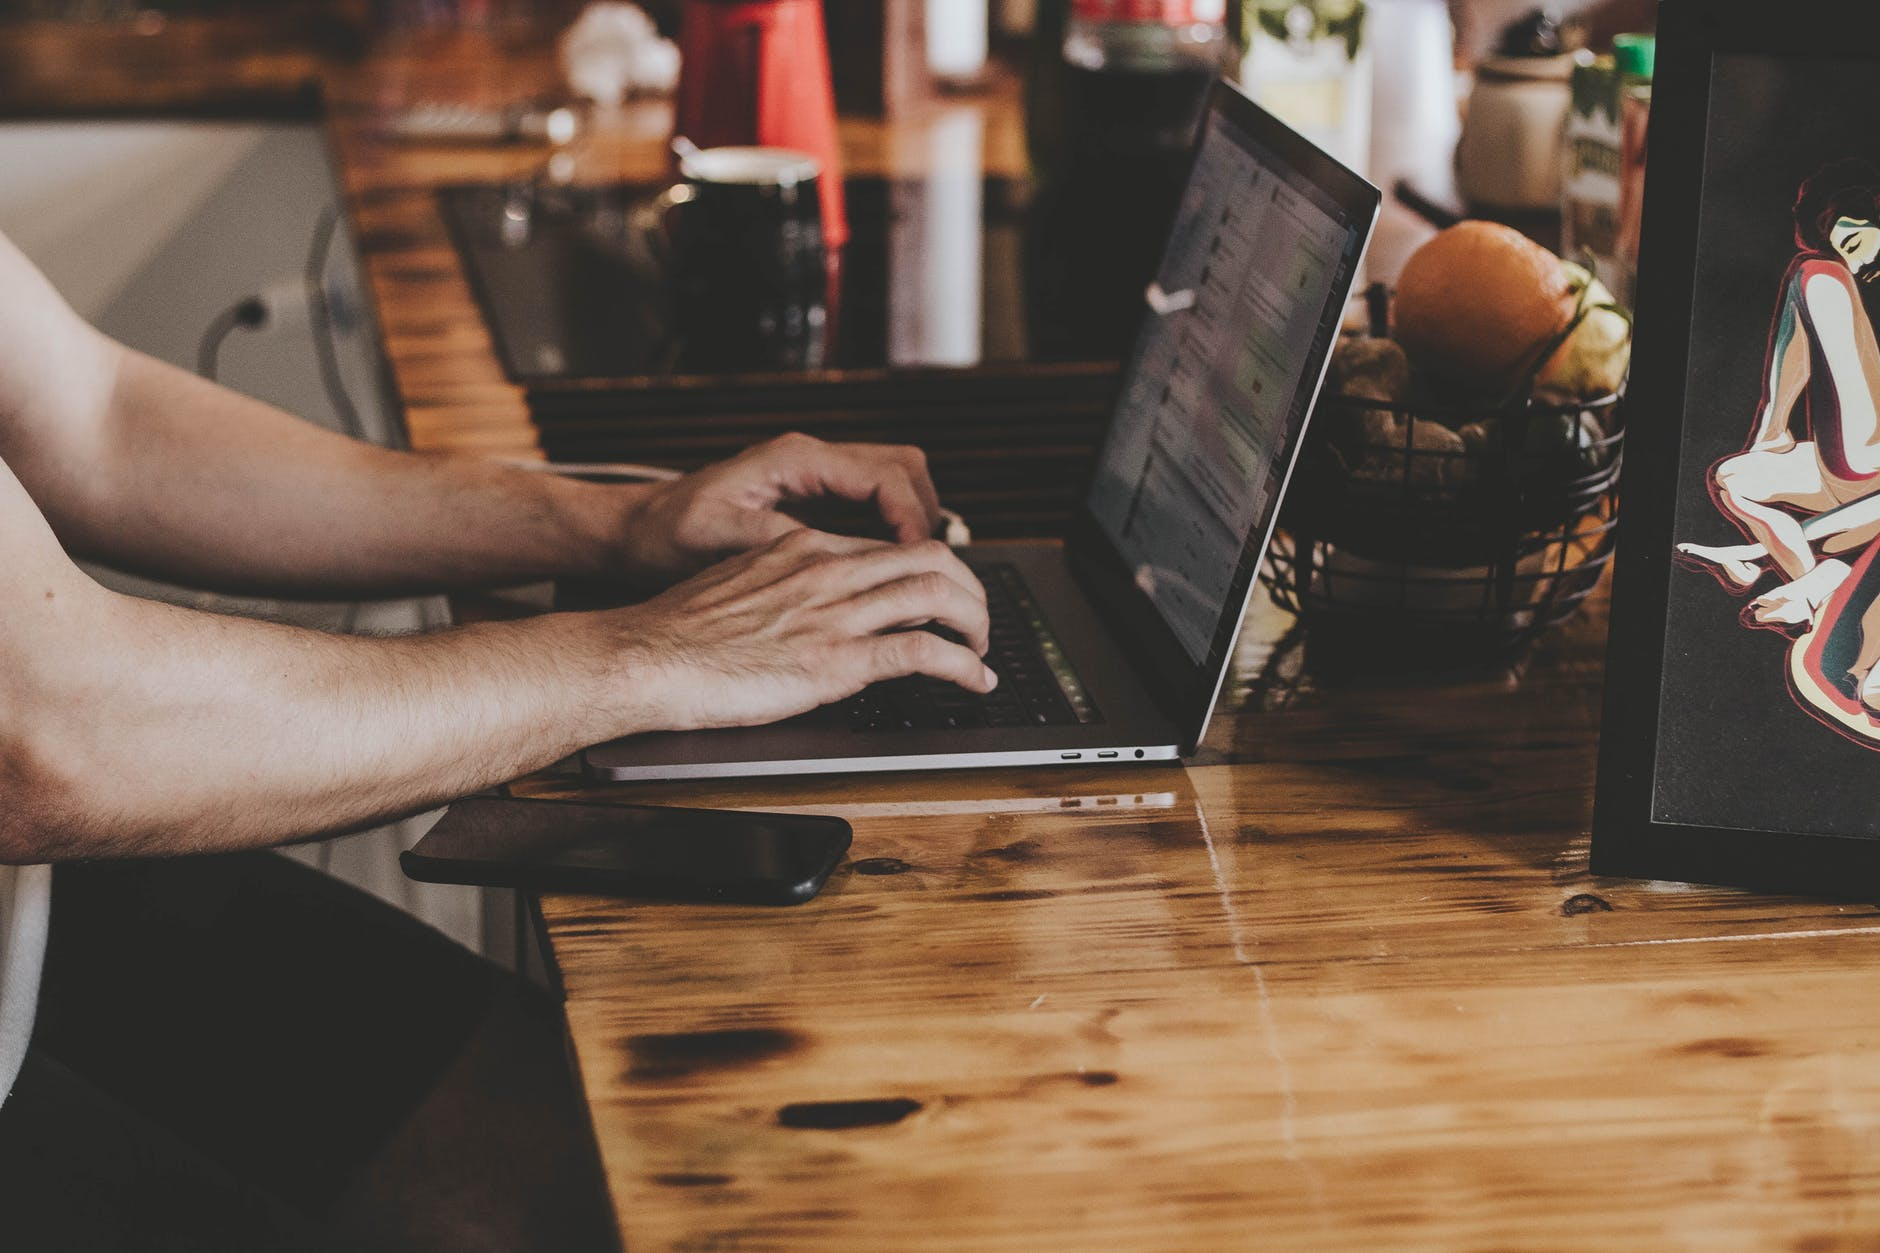 Muž používa notebook, ktorý je položený na stole.